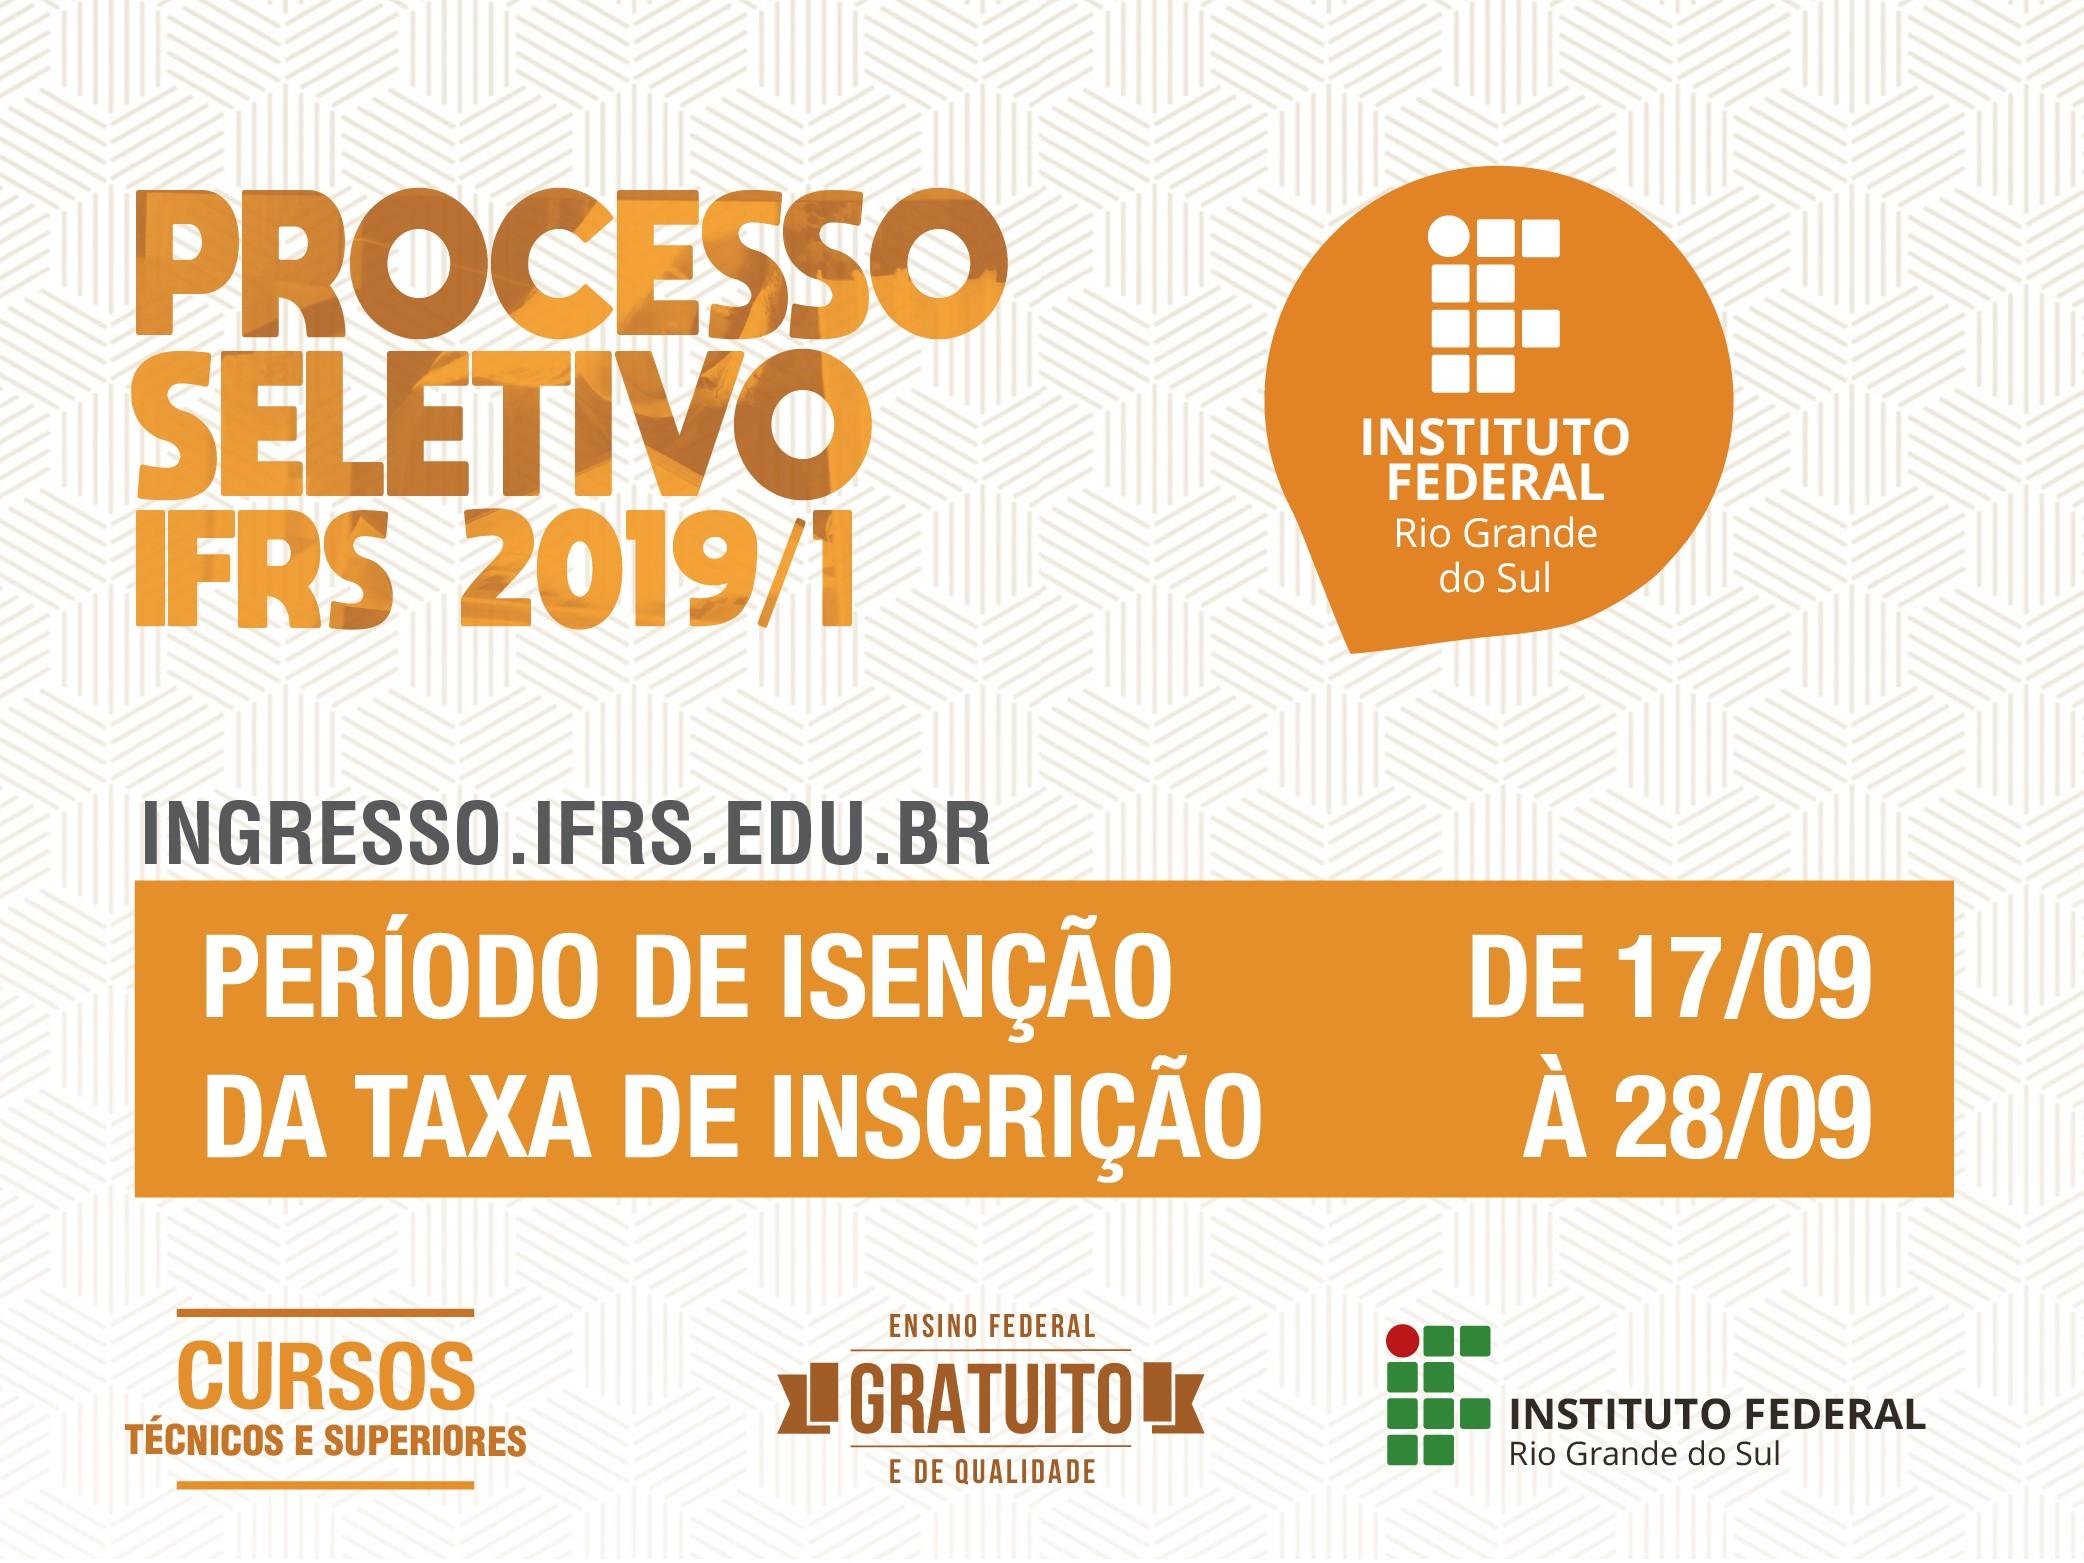 Notcias Principais IFRS Campus Porto Alegre